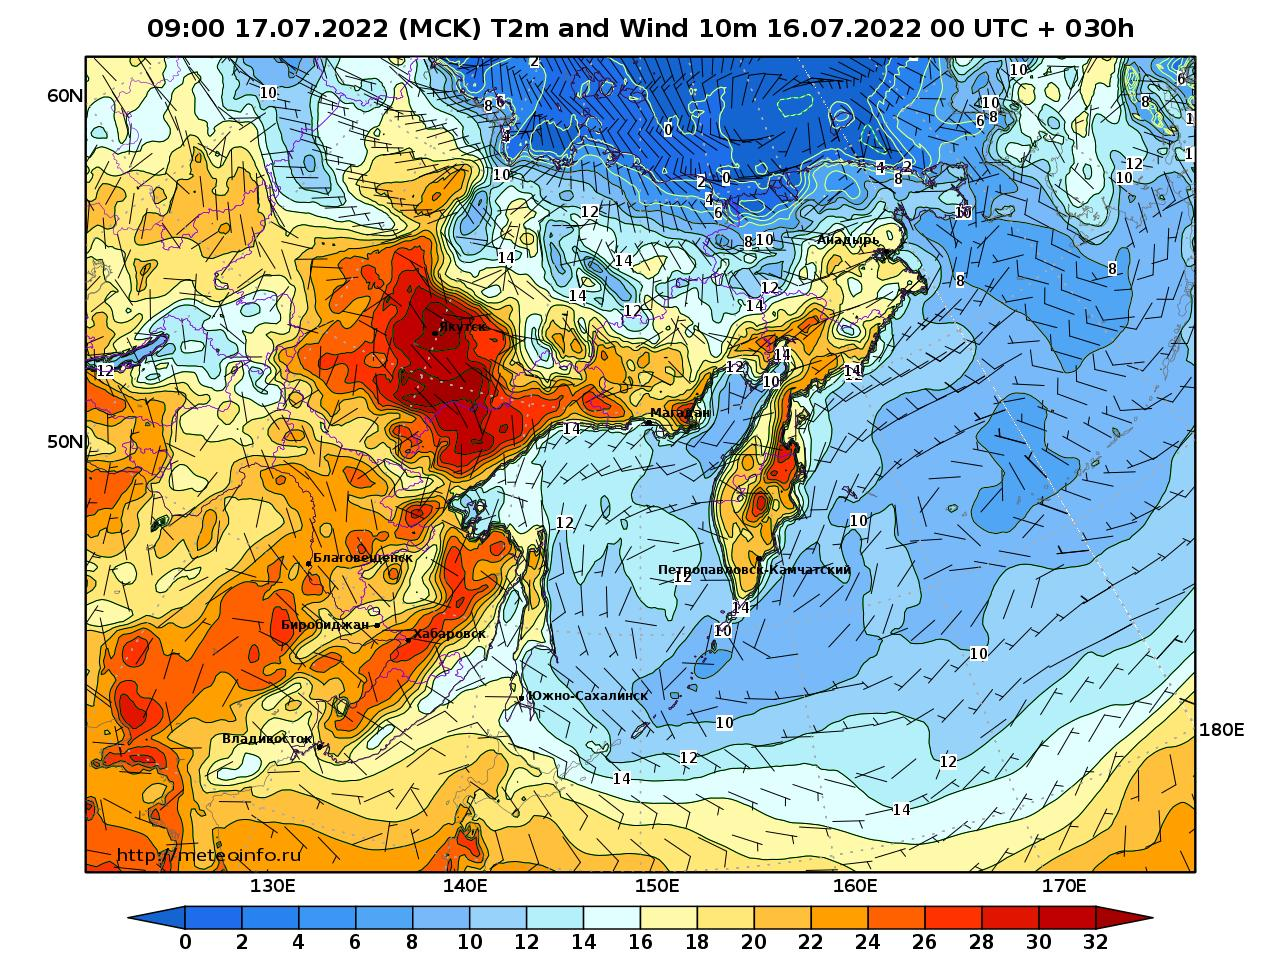 Дальний Восток, прогностическая карта приземная температура, заблаговременность прогноза 30 часов